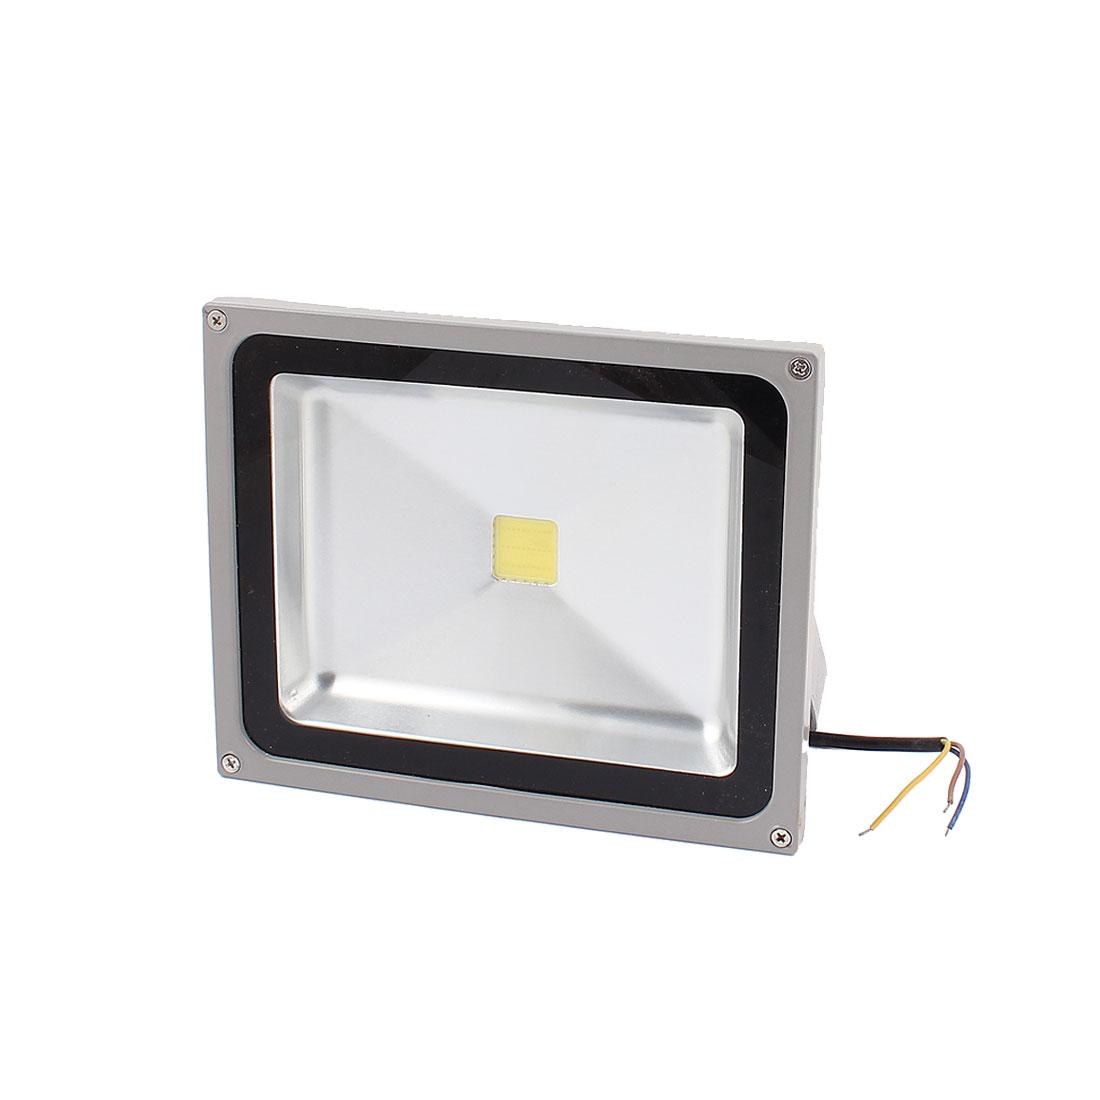 AC 90-260V 3 Wire 50W White LED Building Garden Flood Light Spotlight